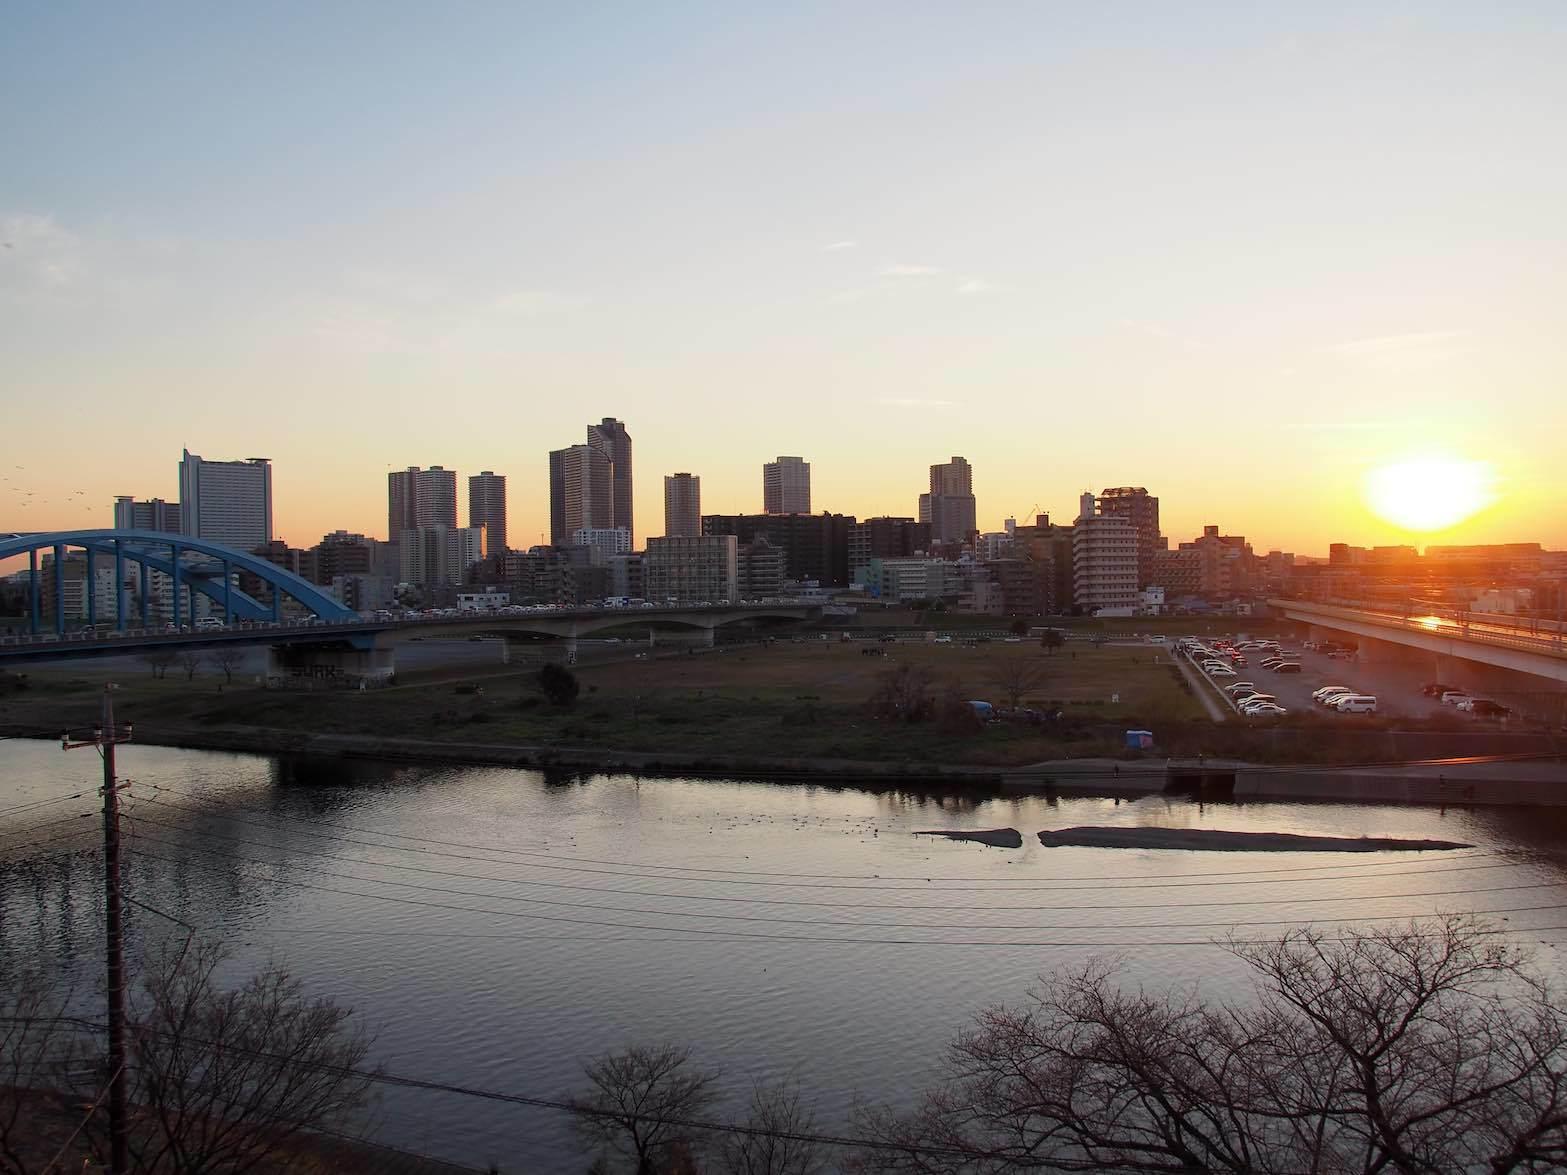 東急多摩川駅周辺12_b0360240_19055221.jpg